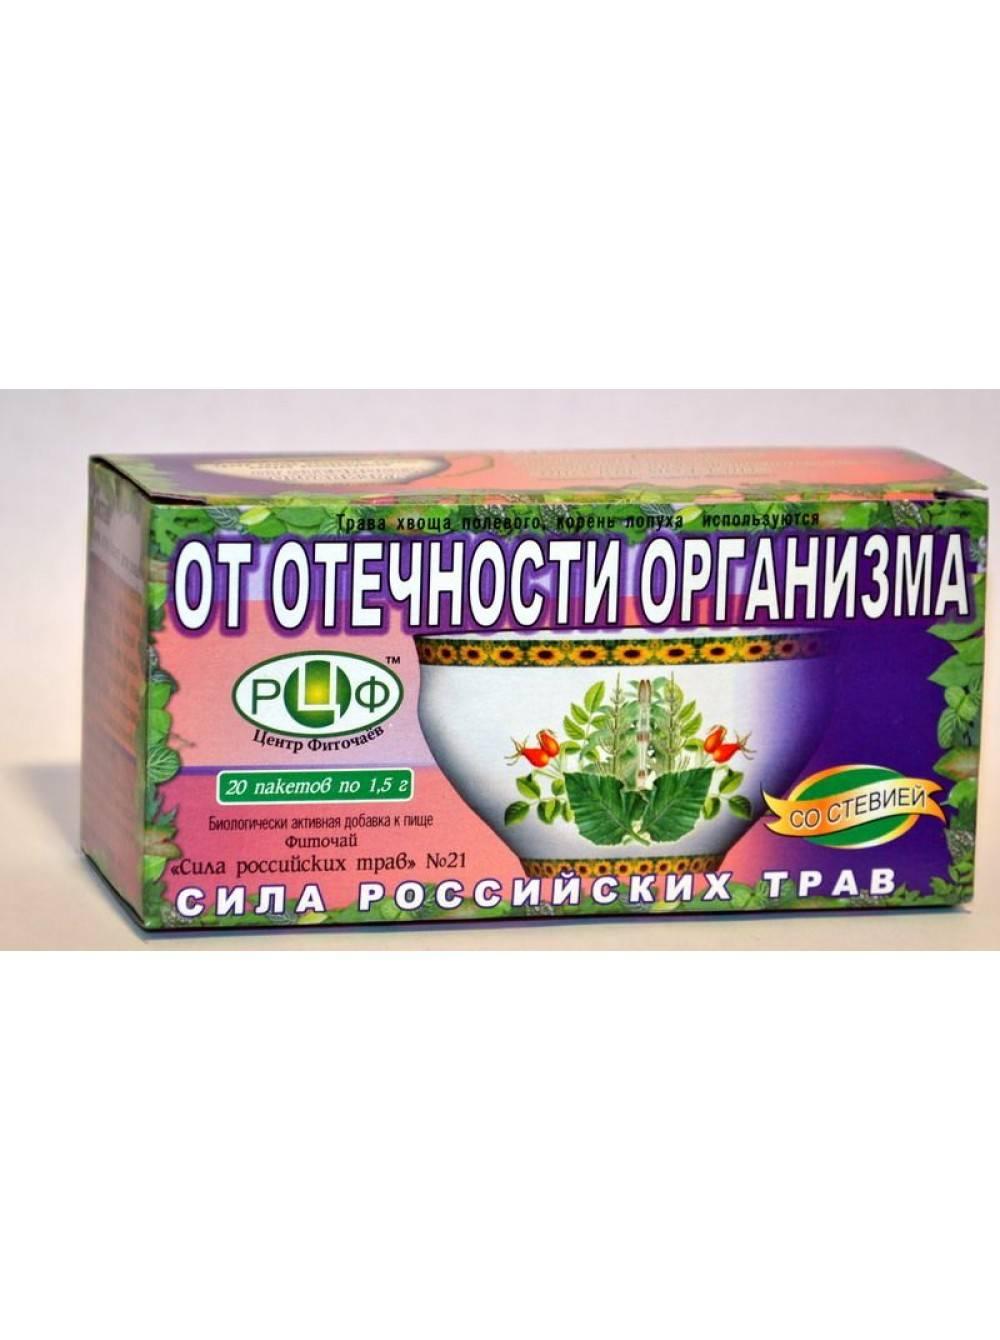 Чай от отеков: рецепты, эффективность, противопоказания